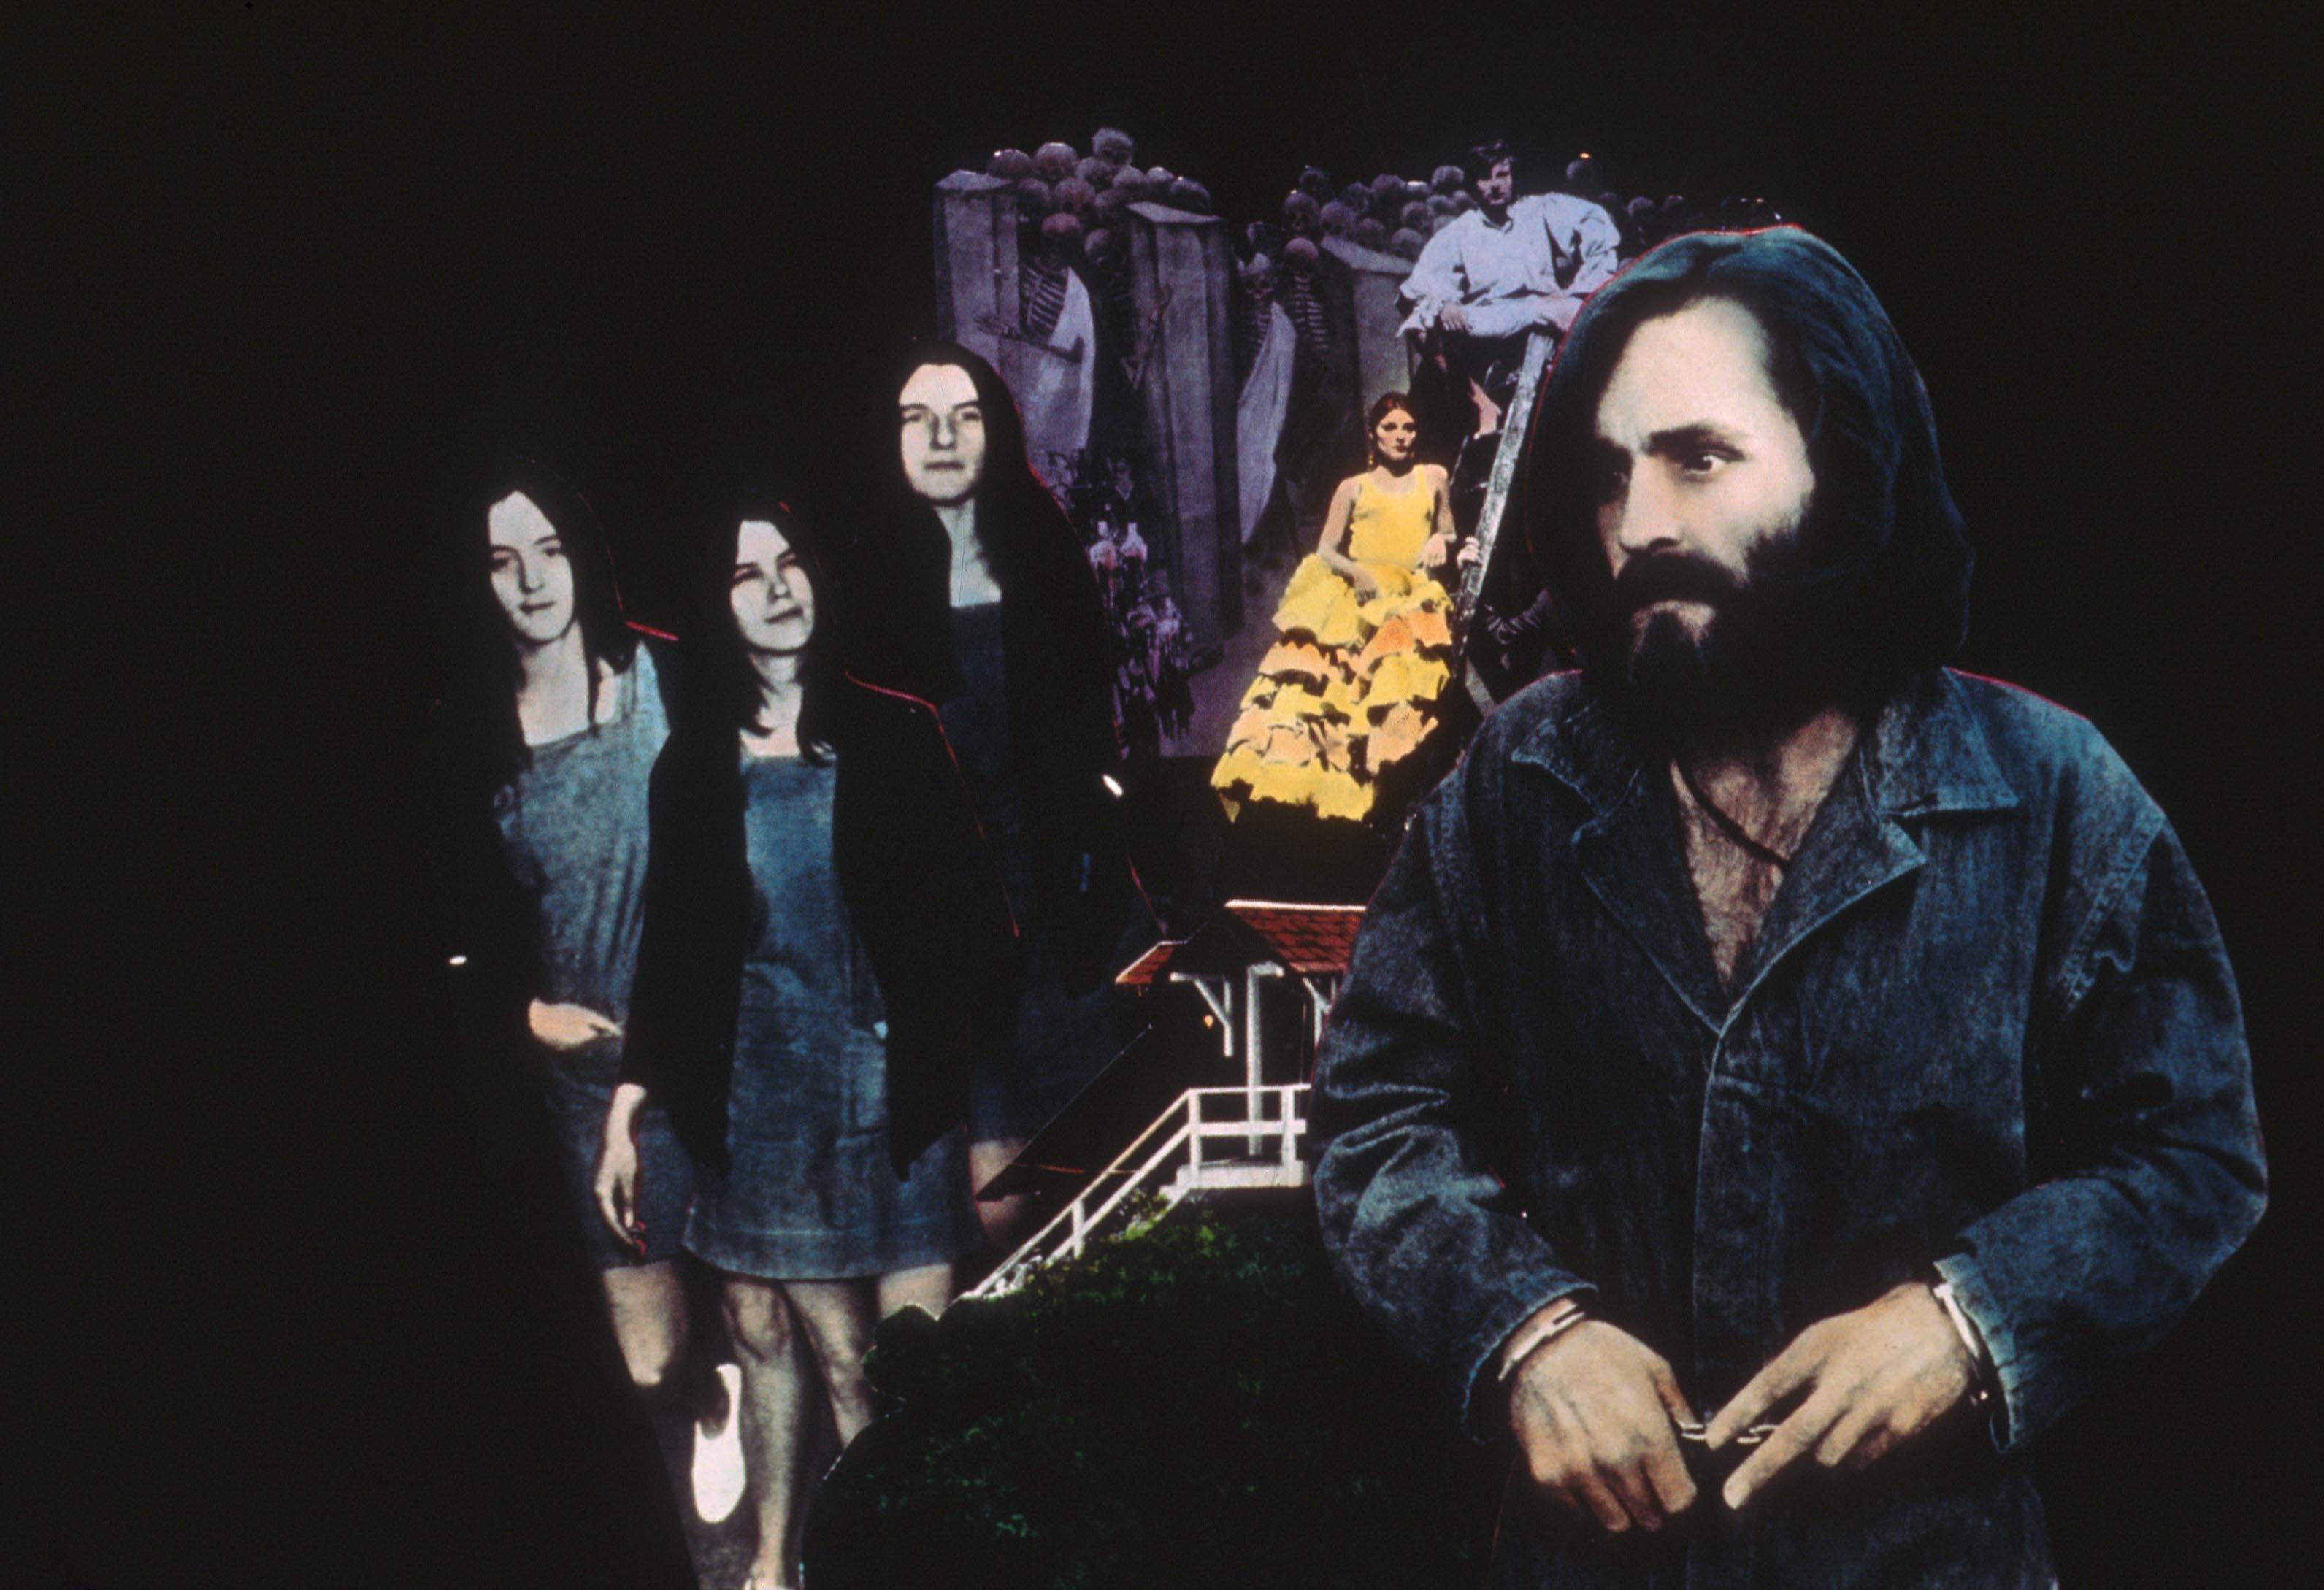 Y ahora está pasando? - Página 21 Manson_familia